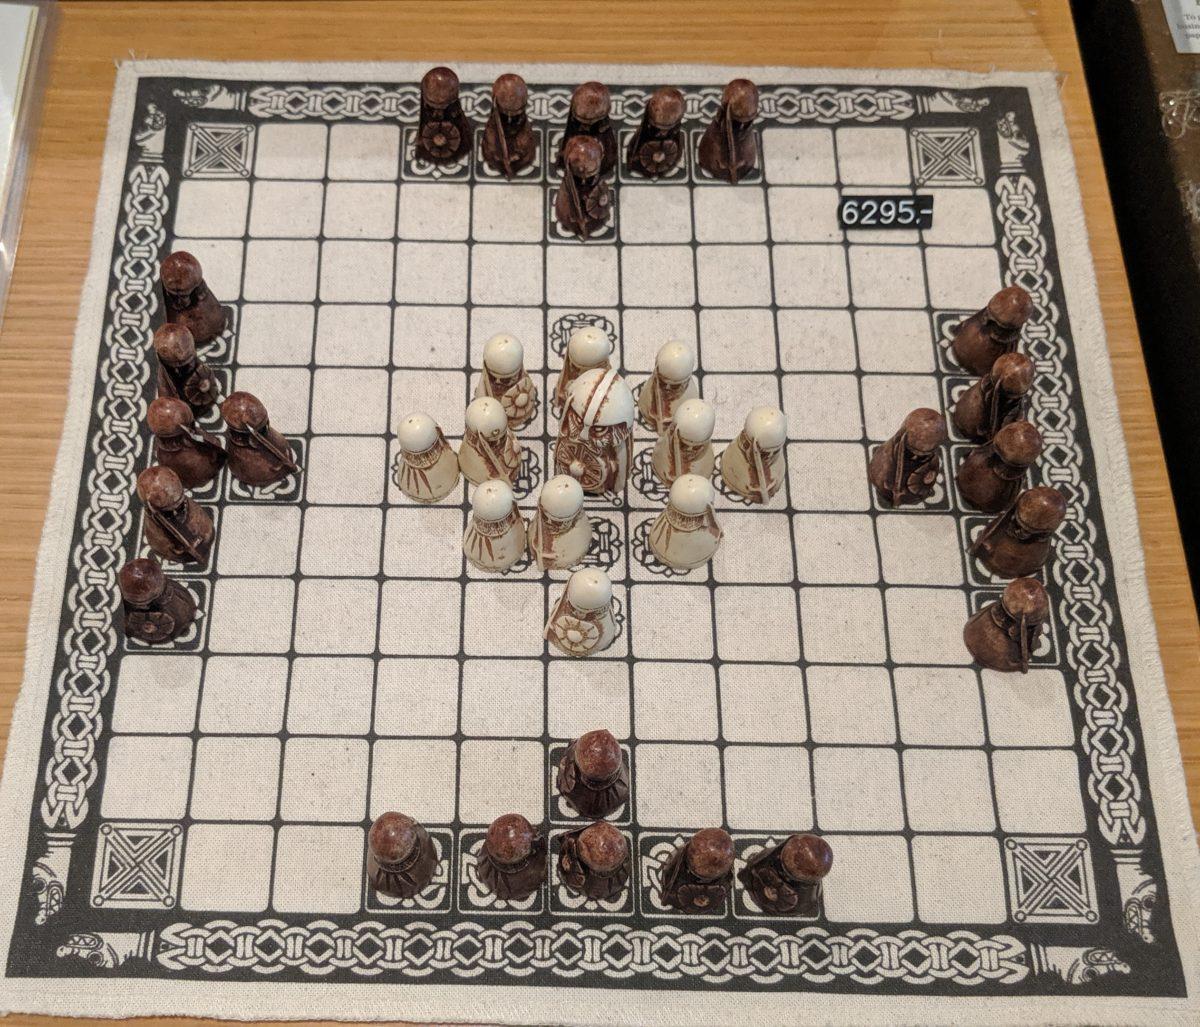 chess-like board game